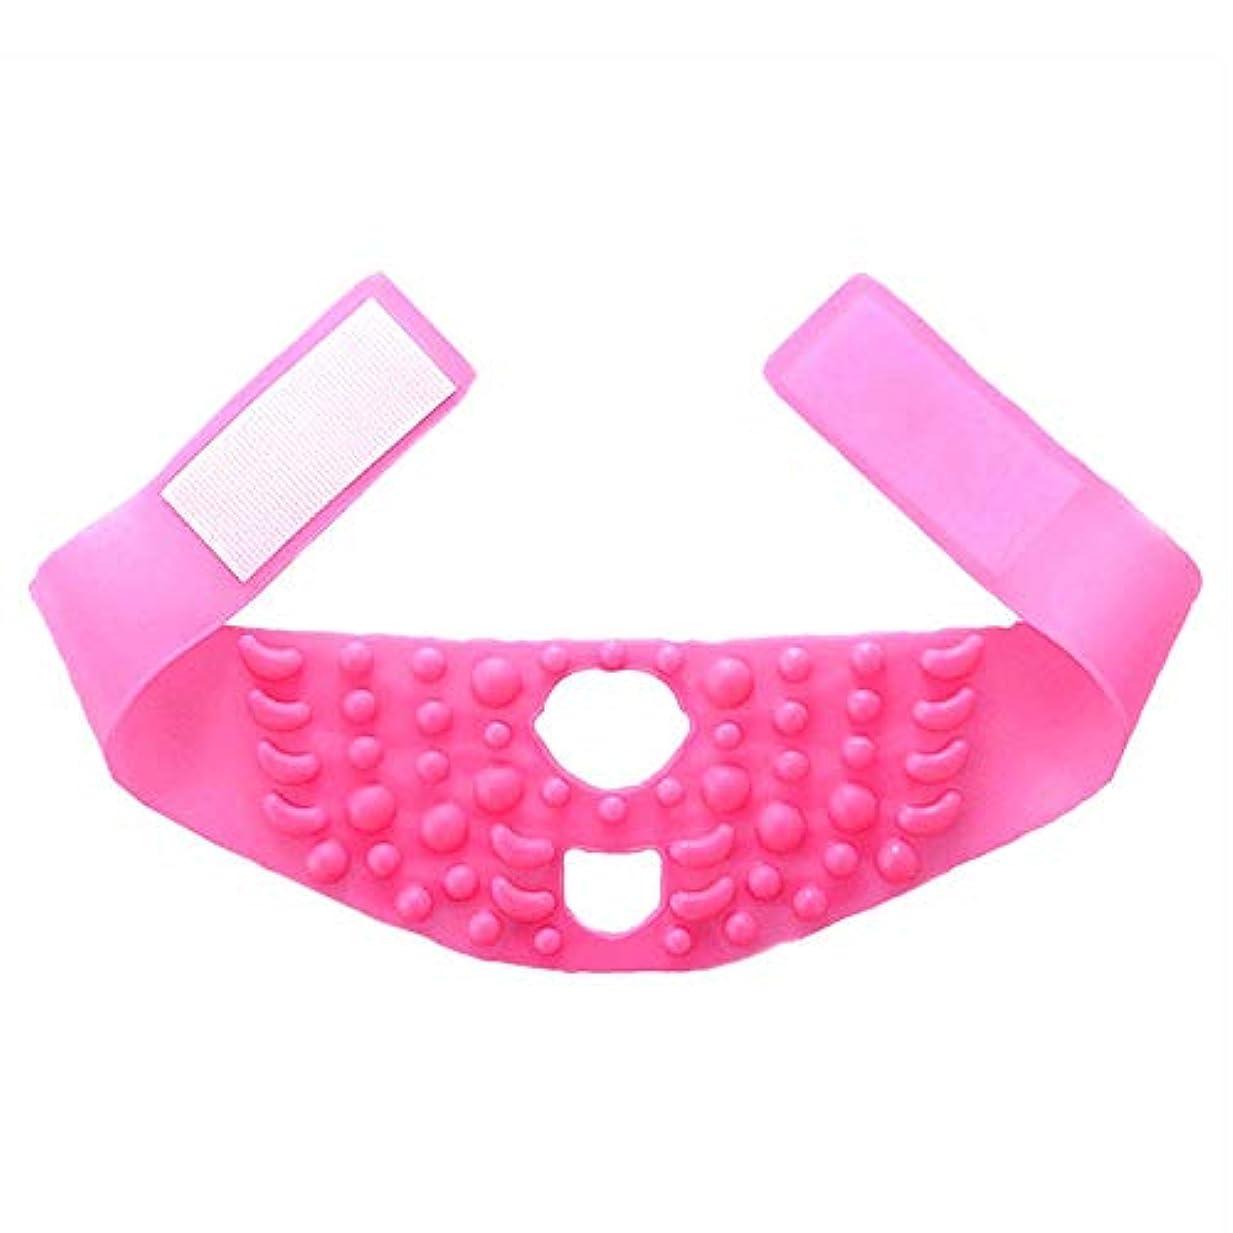 サイレン鋸歯状ヶ月目シンフェイスマスクシリコーンマッサージ引き締まった形の小さなVフェイスリフティングに薄いフェイスアーティファクト包帯を飾る - ピンク